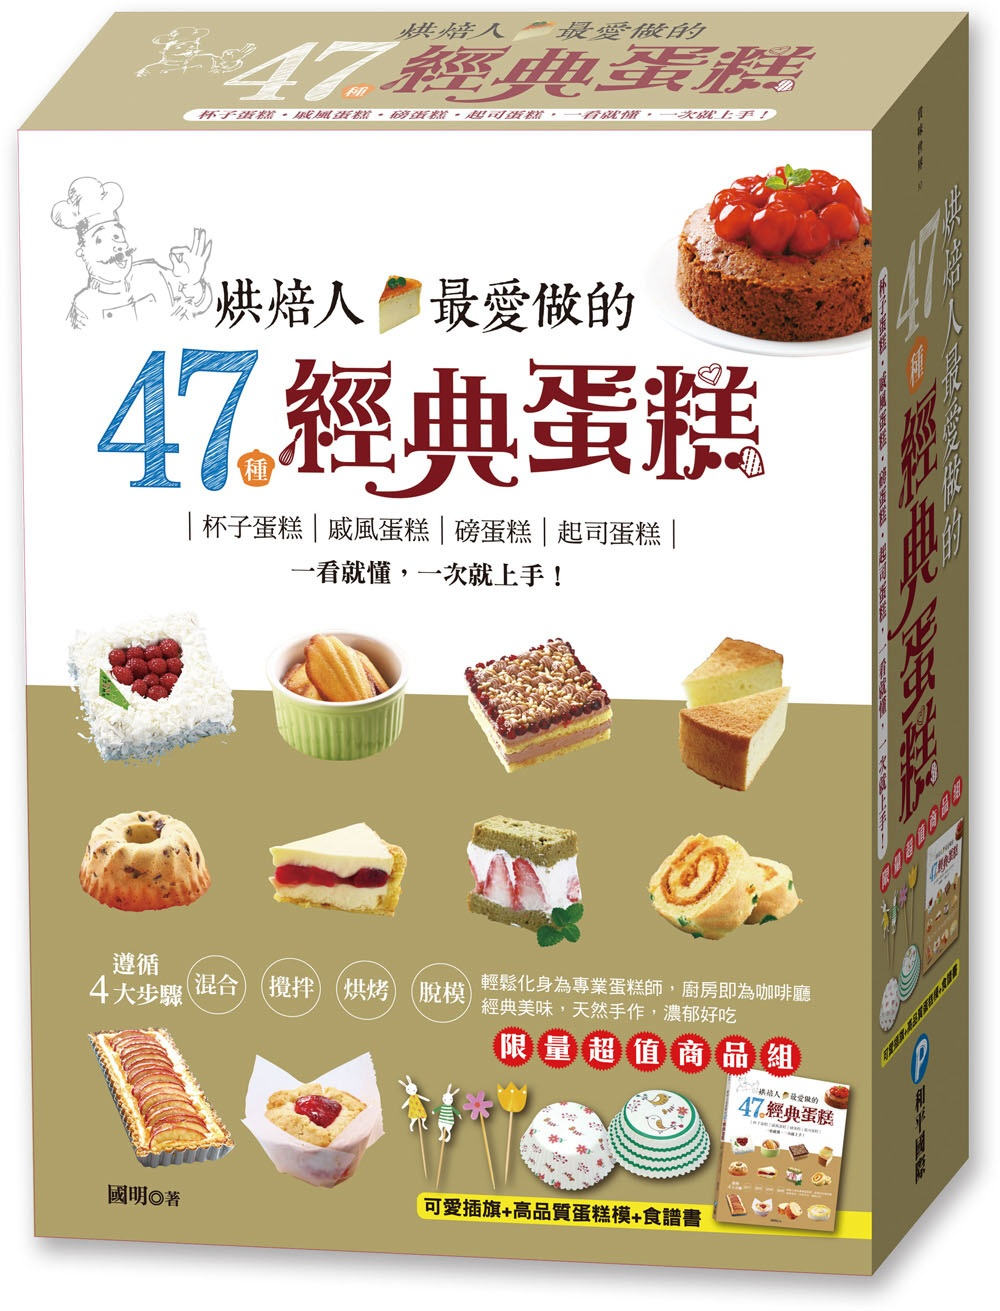 烘焙人最愛做的47種經典蛋糕:杯子蛋糕‧戚風蛋糕‧磅蛋糕‧起司蛋糕,一看就懂,一次就上手!(隨書超值附贈,高品質蛋糕杯模+可愛插旗